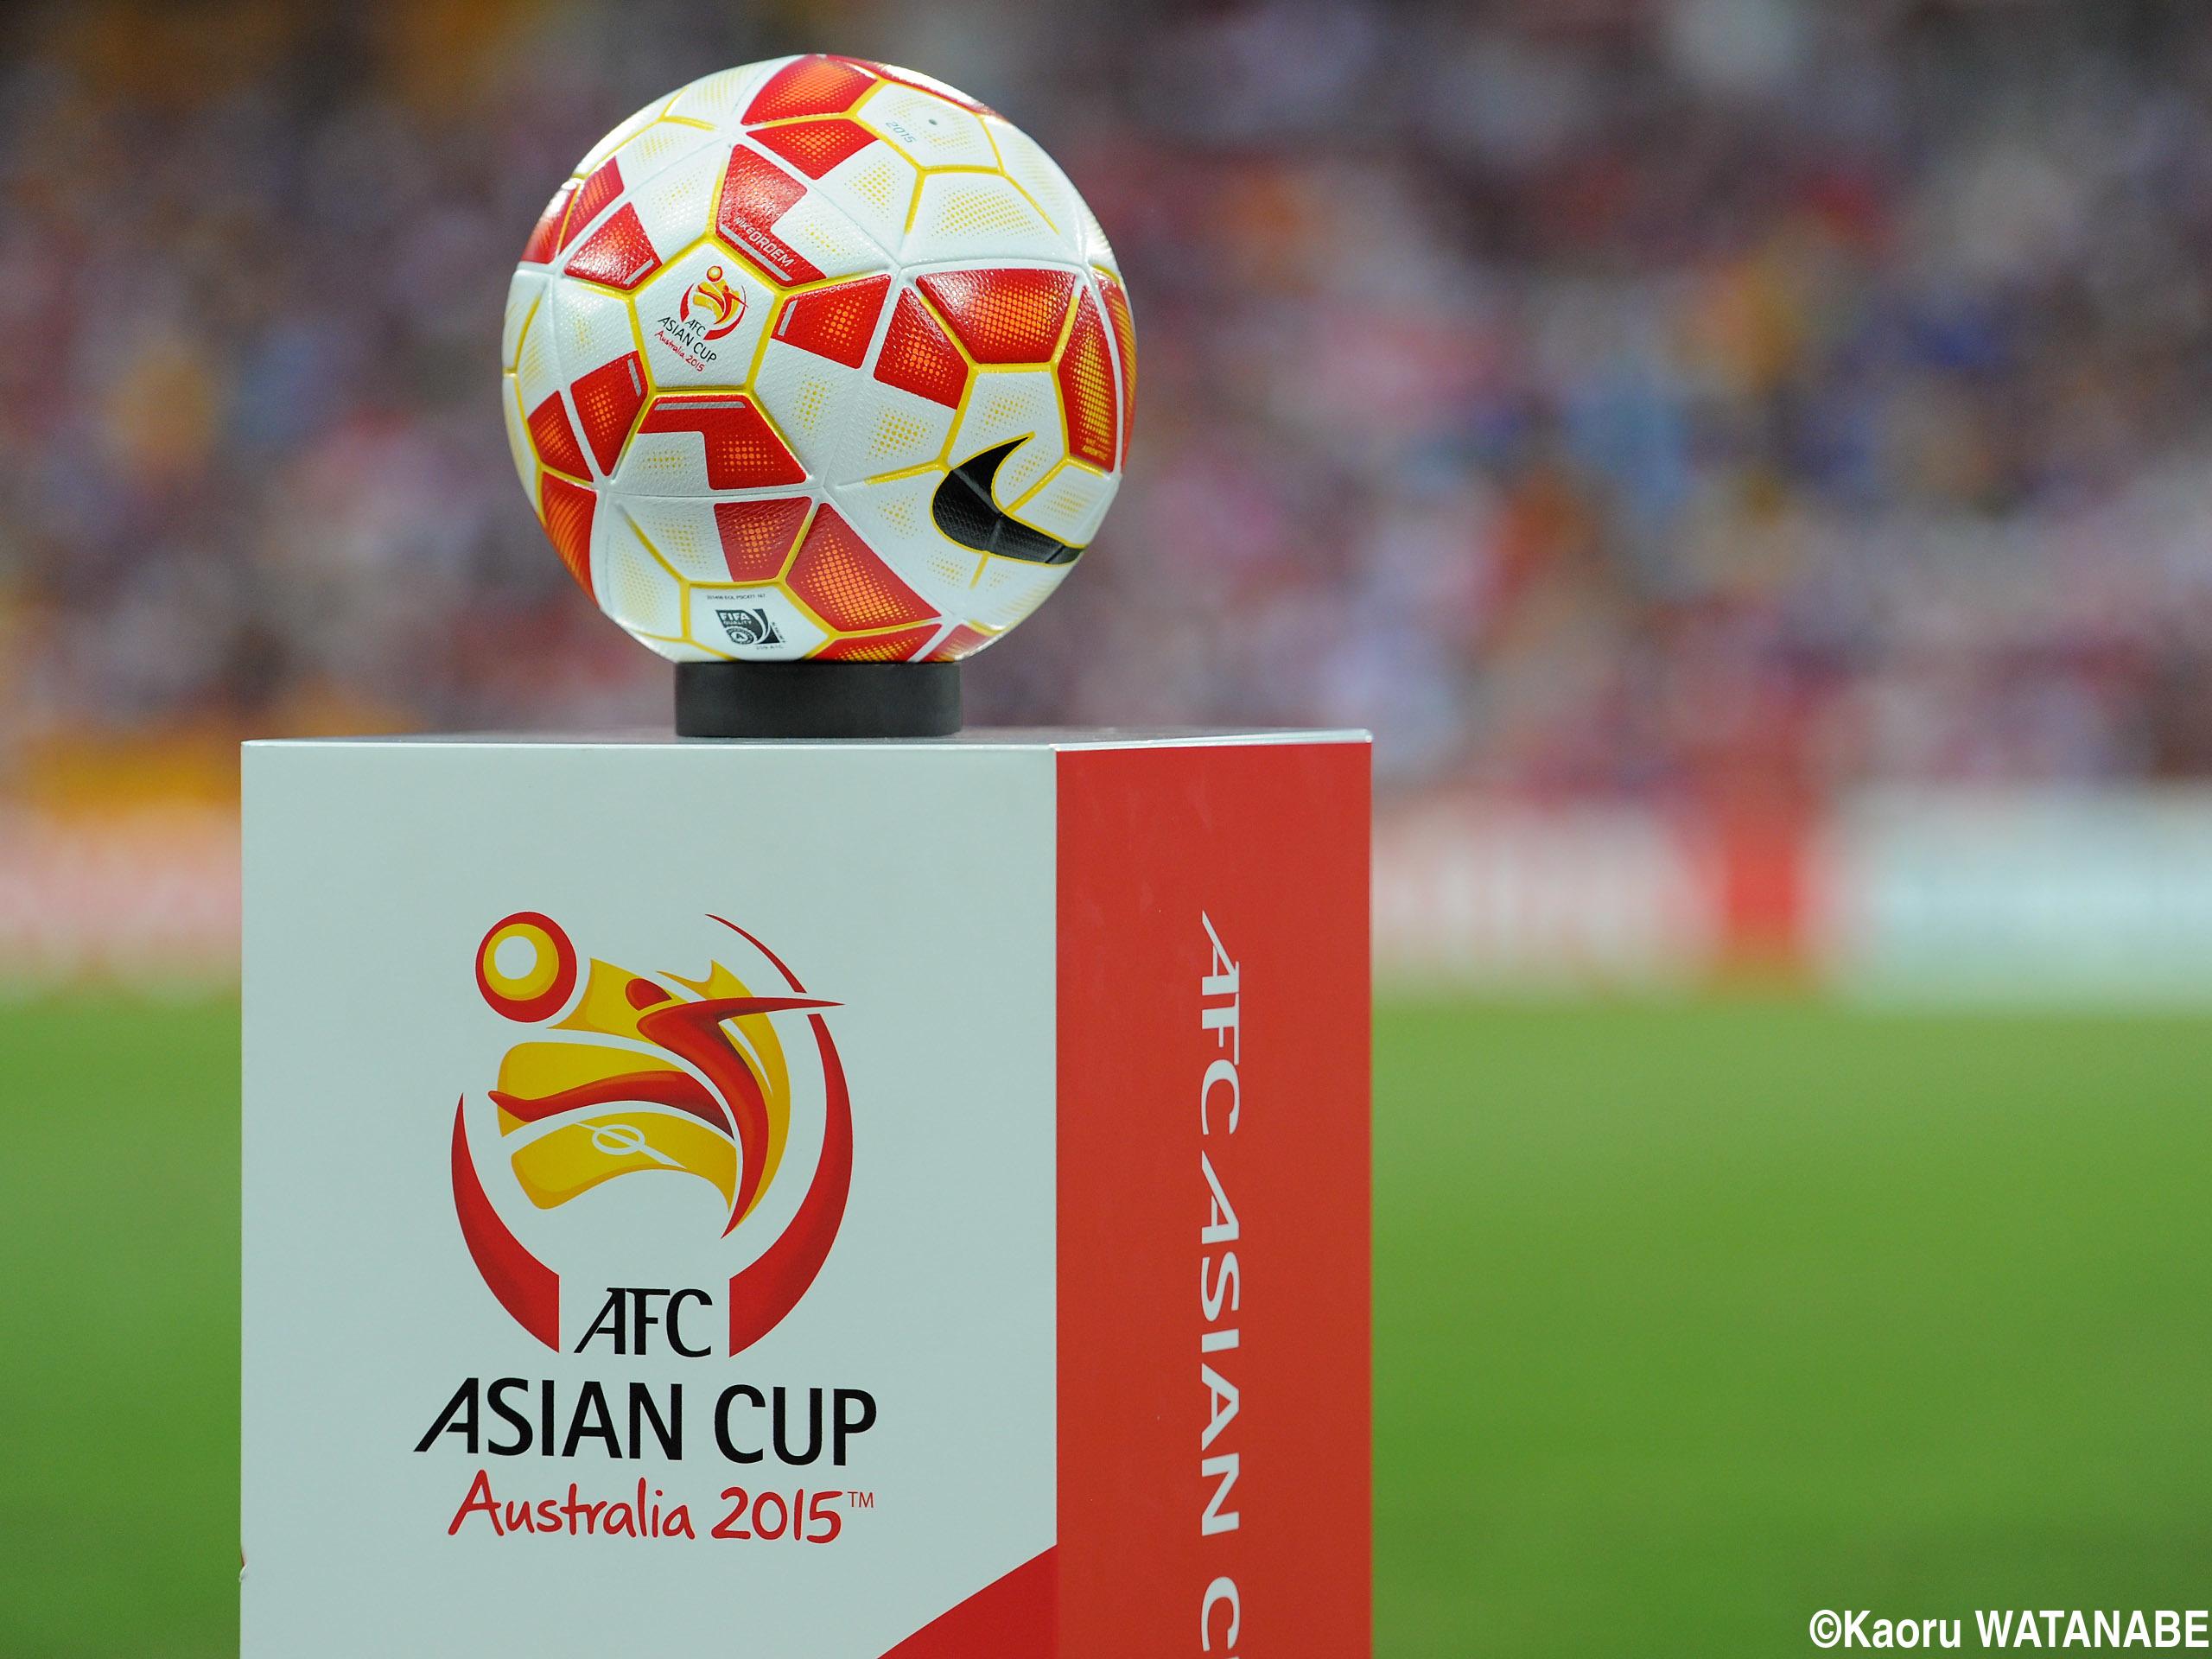 2019年アジア杯の開催国がUAEに決定